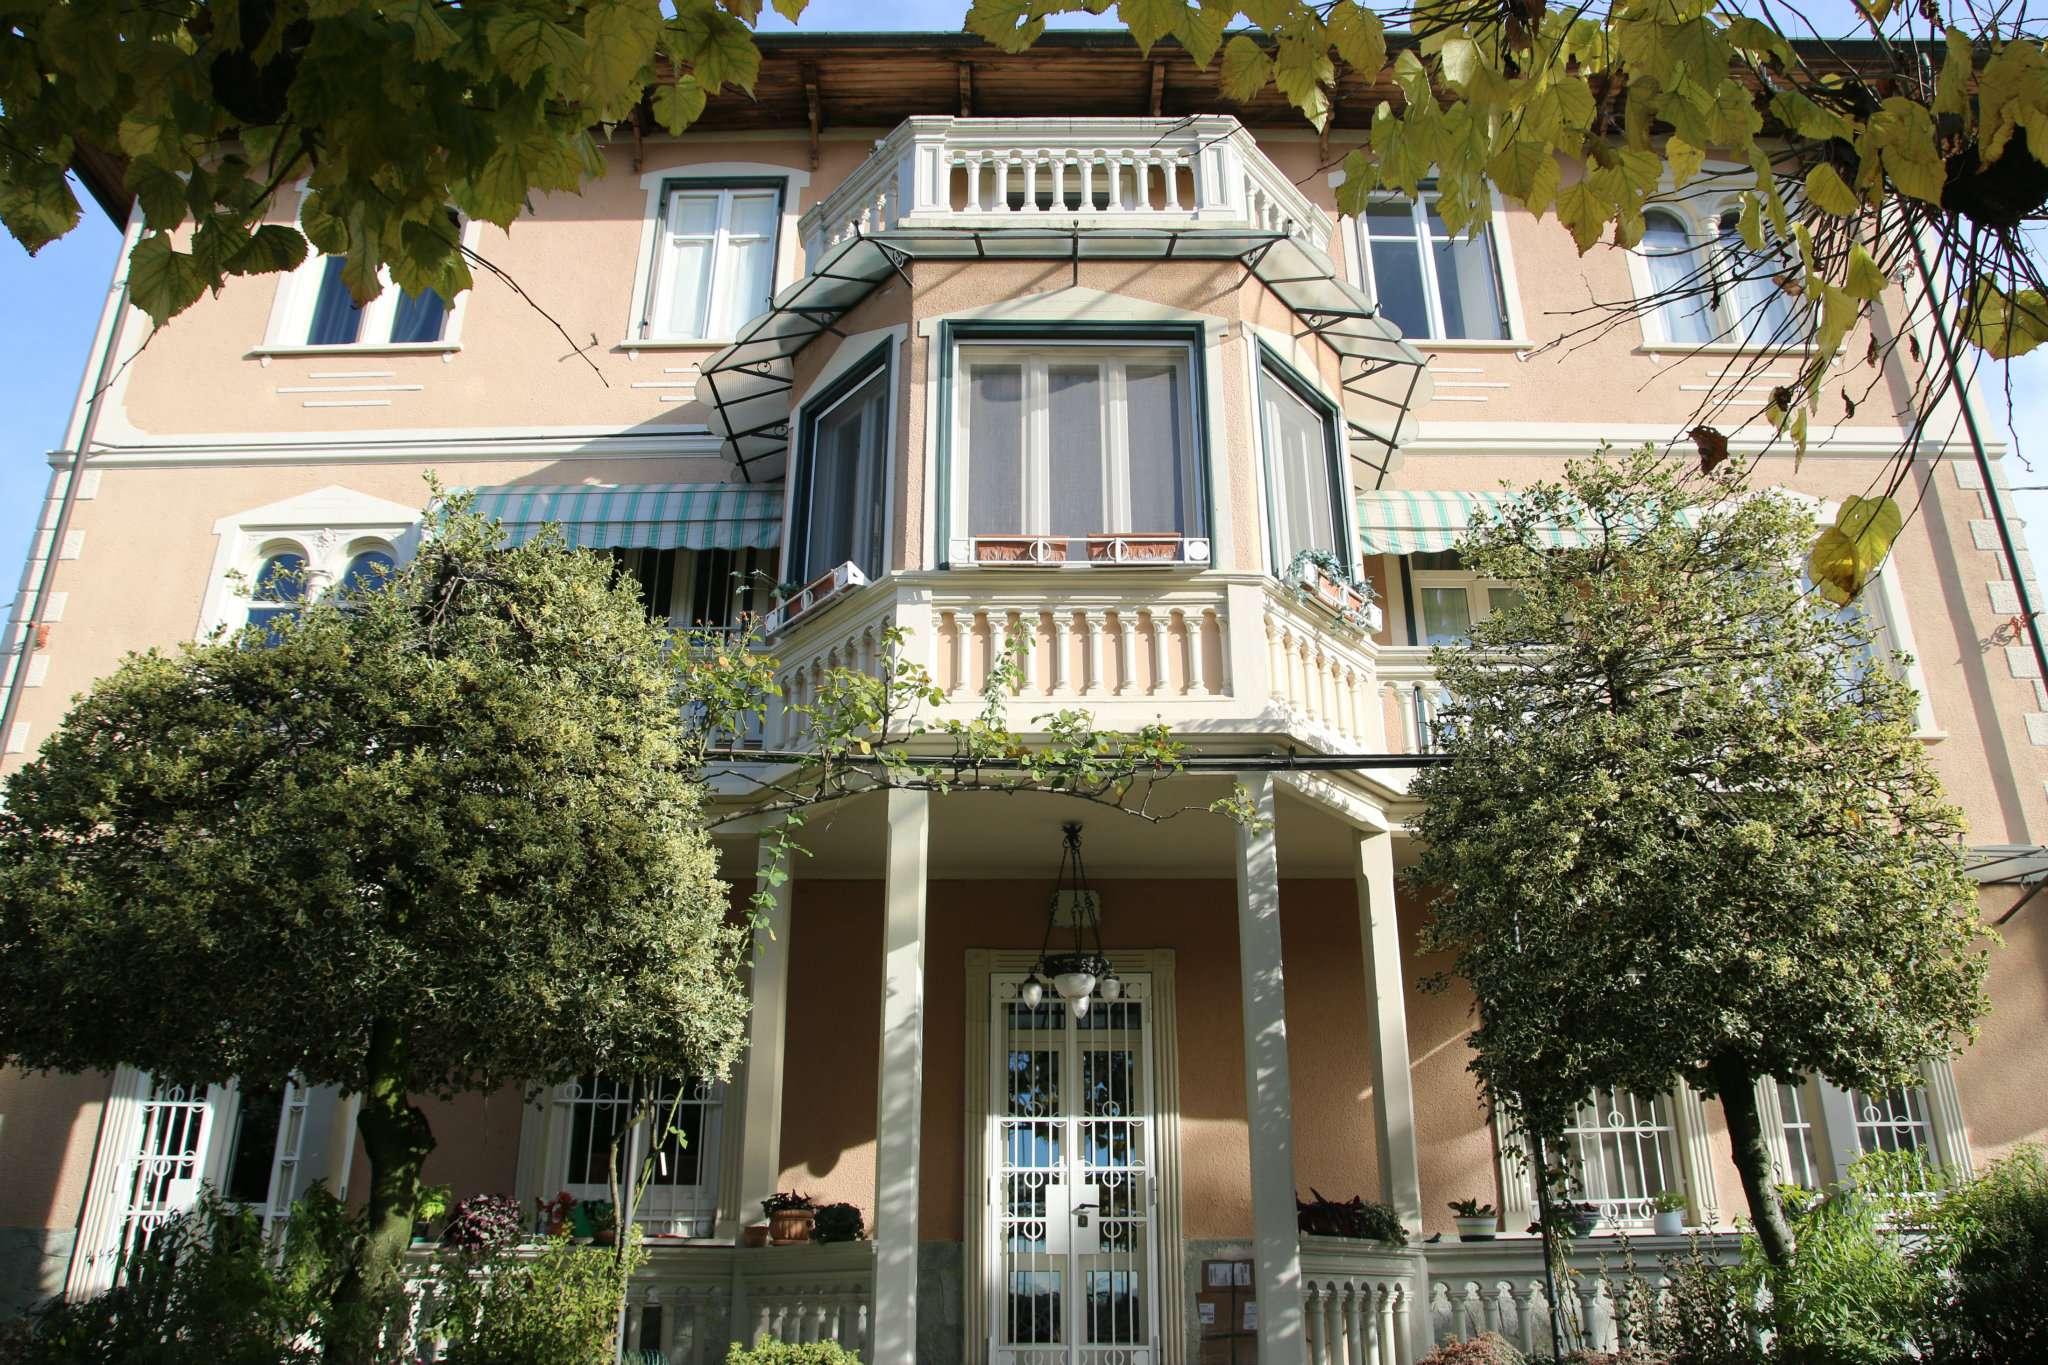 Villa in vendita a Torino, 10 locali, zona Zona: 5 . Collina, Precollina, Crimea, Borgo Po, Granmadre, Madonna del Pilone, Trattative riservate | CambioCasa.it